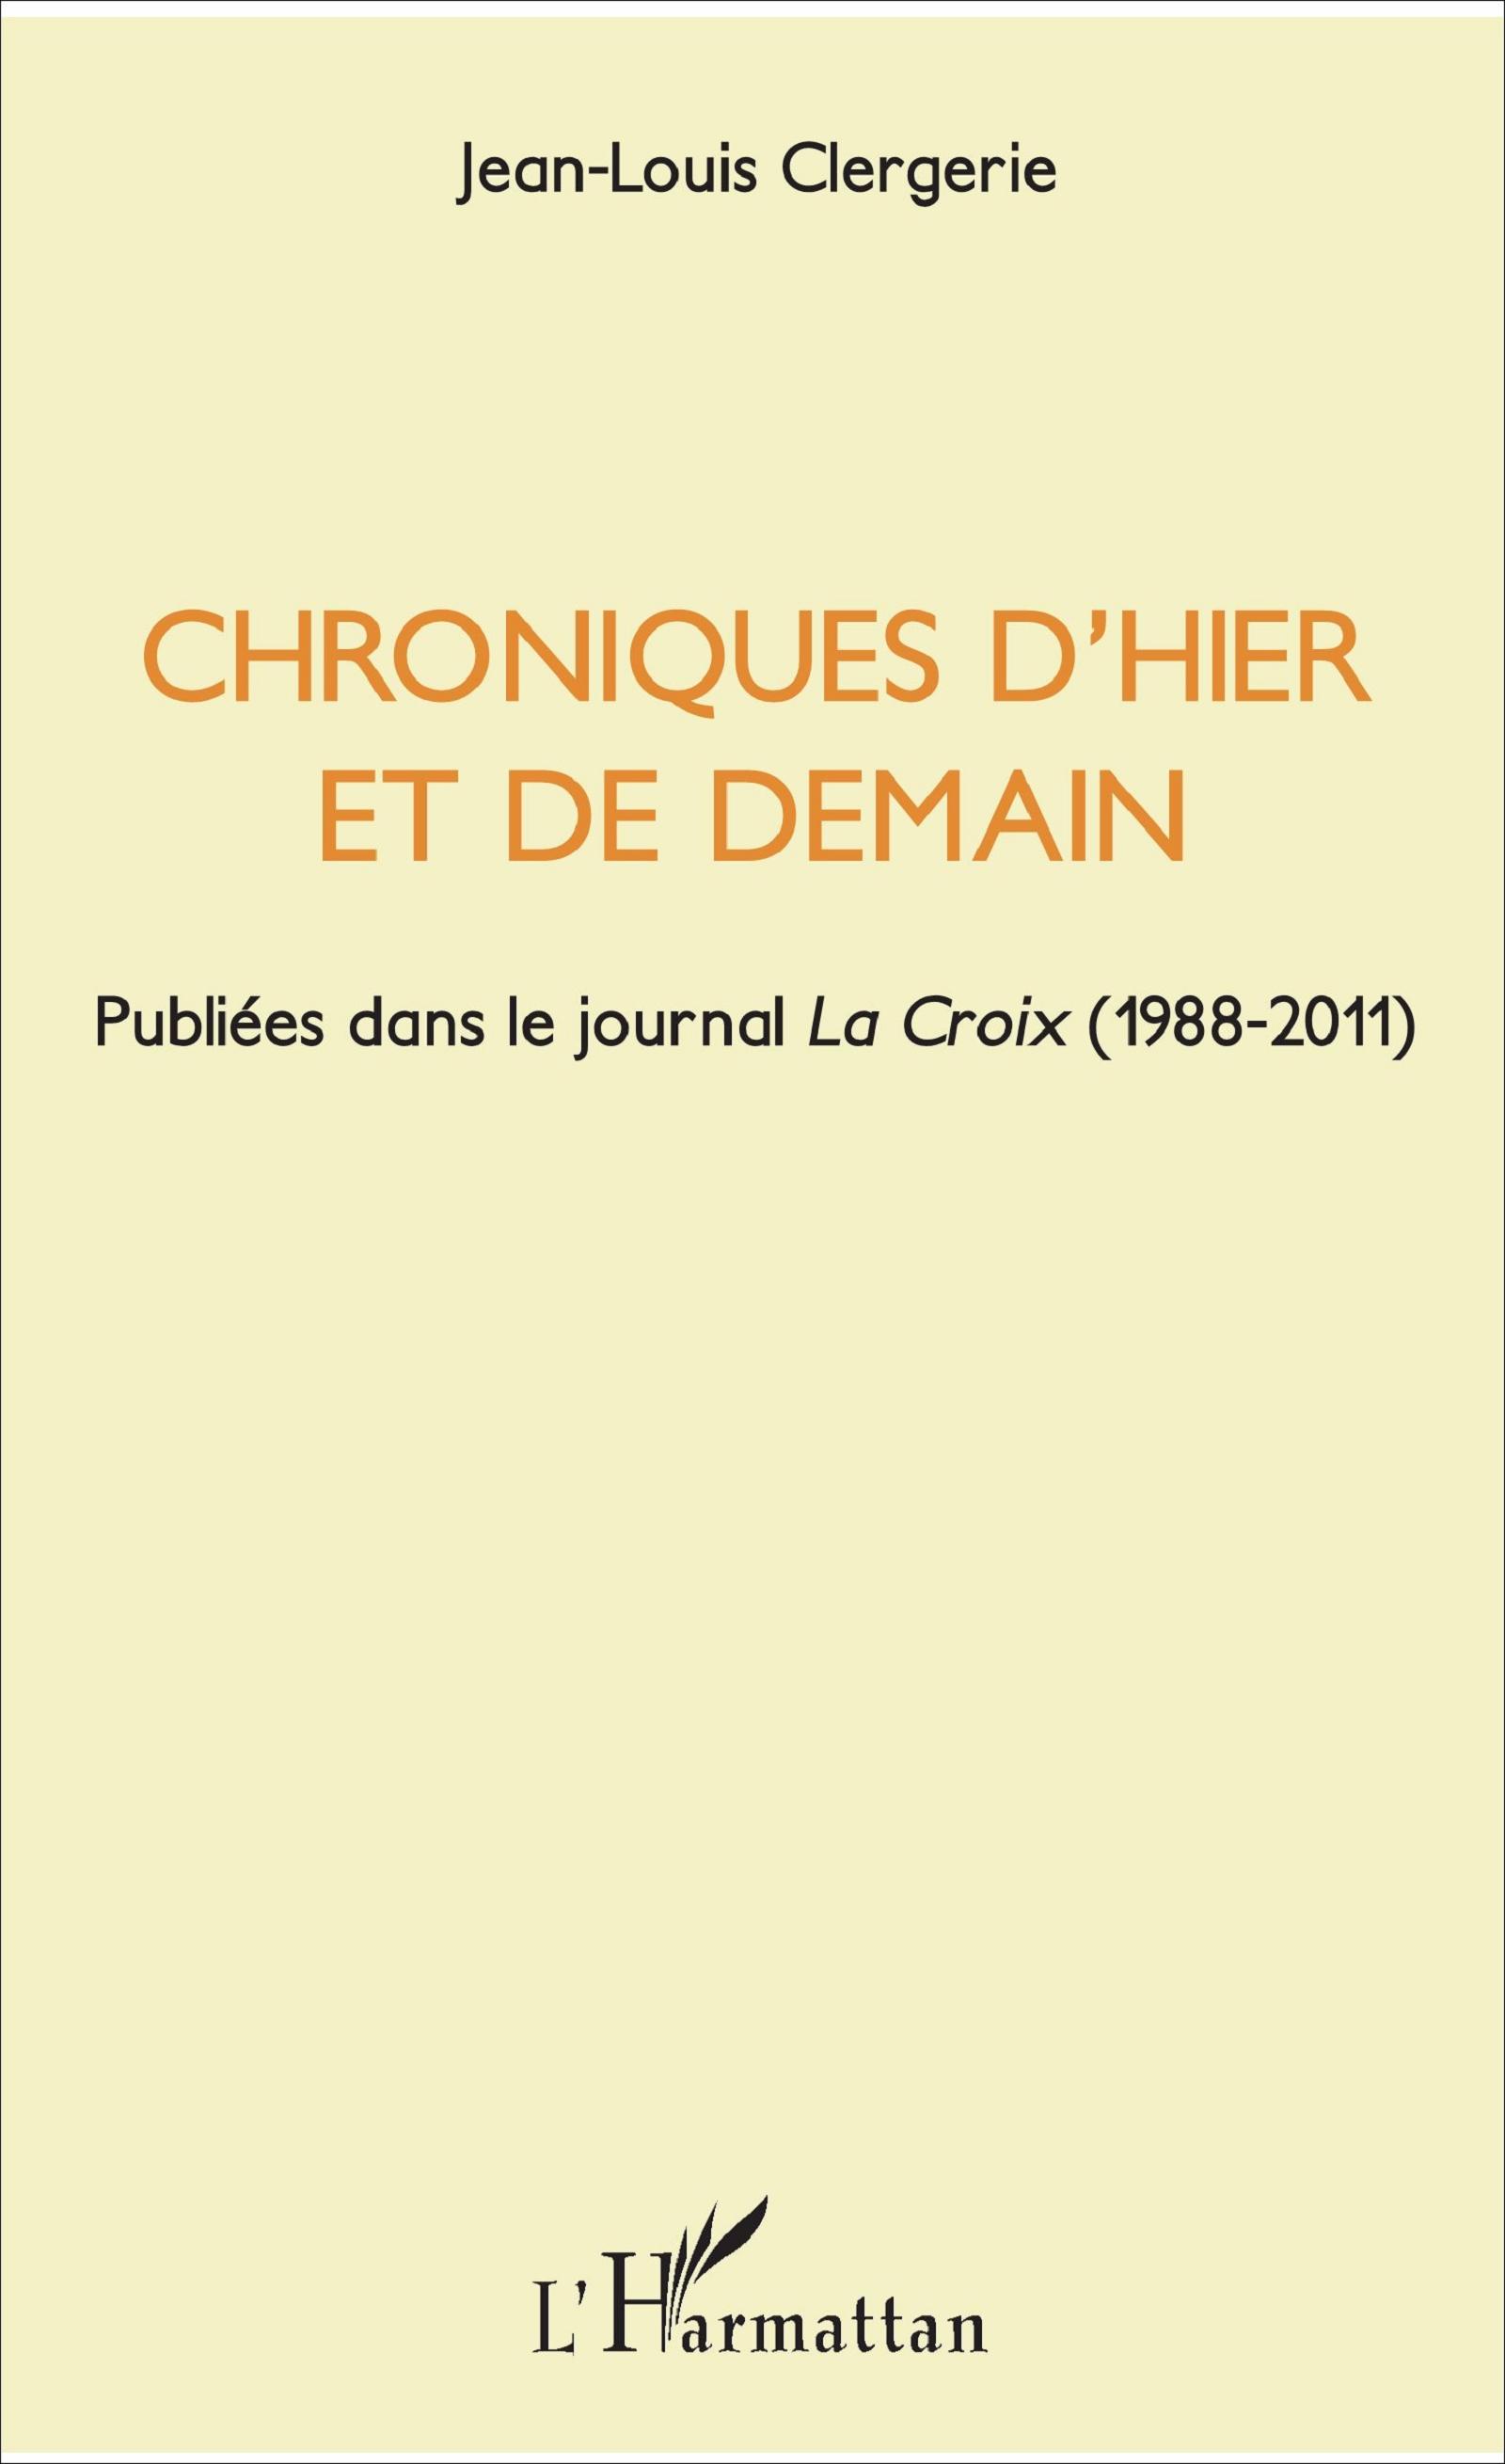 revues chroniques d 39 hier et de demain publi es dans le journal la croix 1988 2011 jean. Black Bedroom Furniture Sets. Home Design Ideas